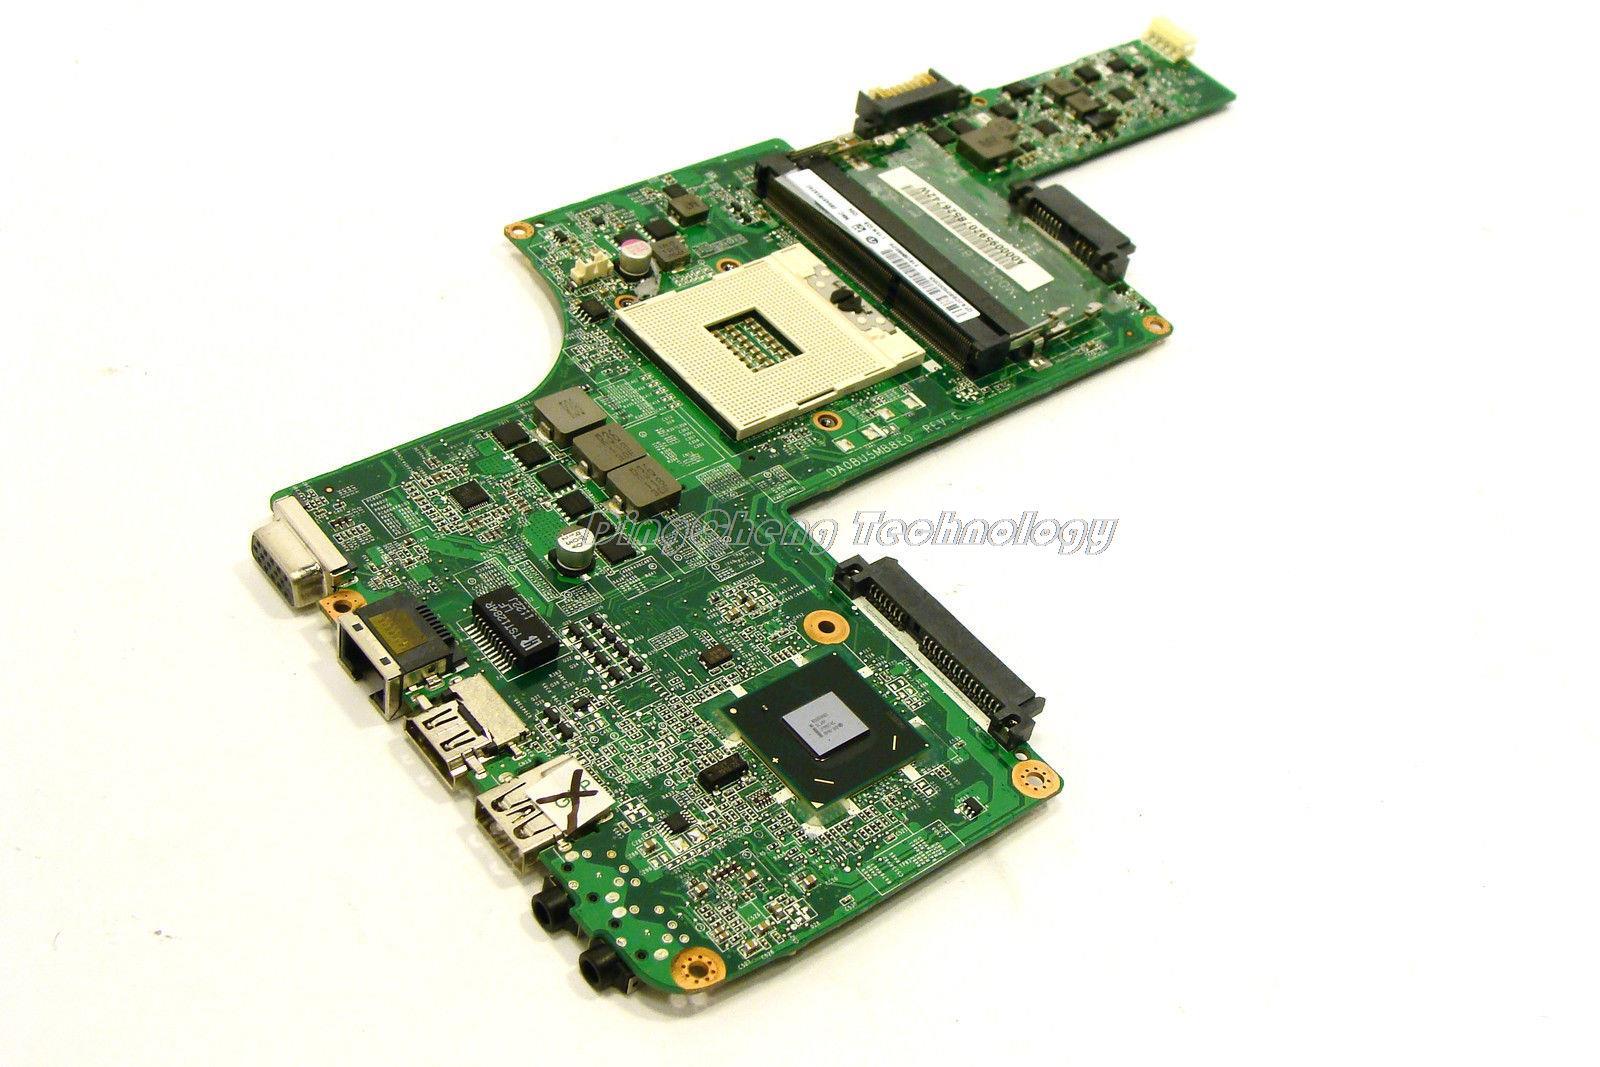 Laptop Motherboard For Toshiba Satellite L730 L735 A000095740 DA0BU5MB8E0 Rev:E HM65 DDR3 integrated graphics cardLaptop Motherboard For Toshiba Satellite L730 L735 A000095740 DA0BU5MB8E0 Rev:E HM65 DDR3 integrated graphics card